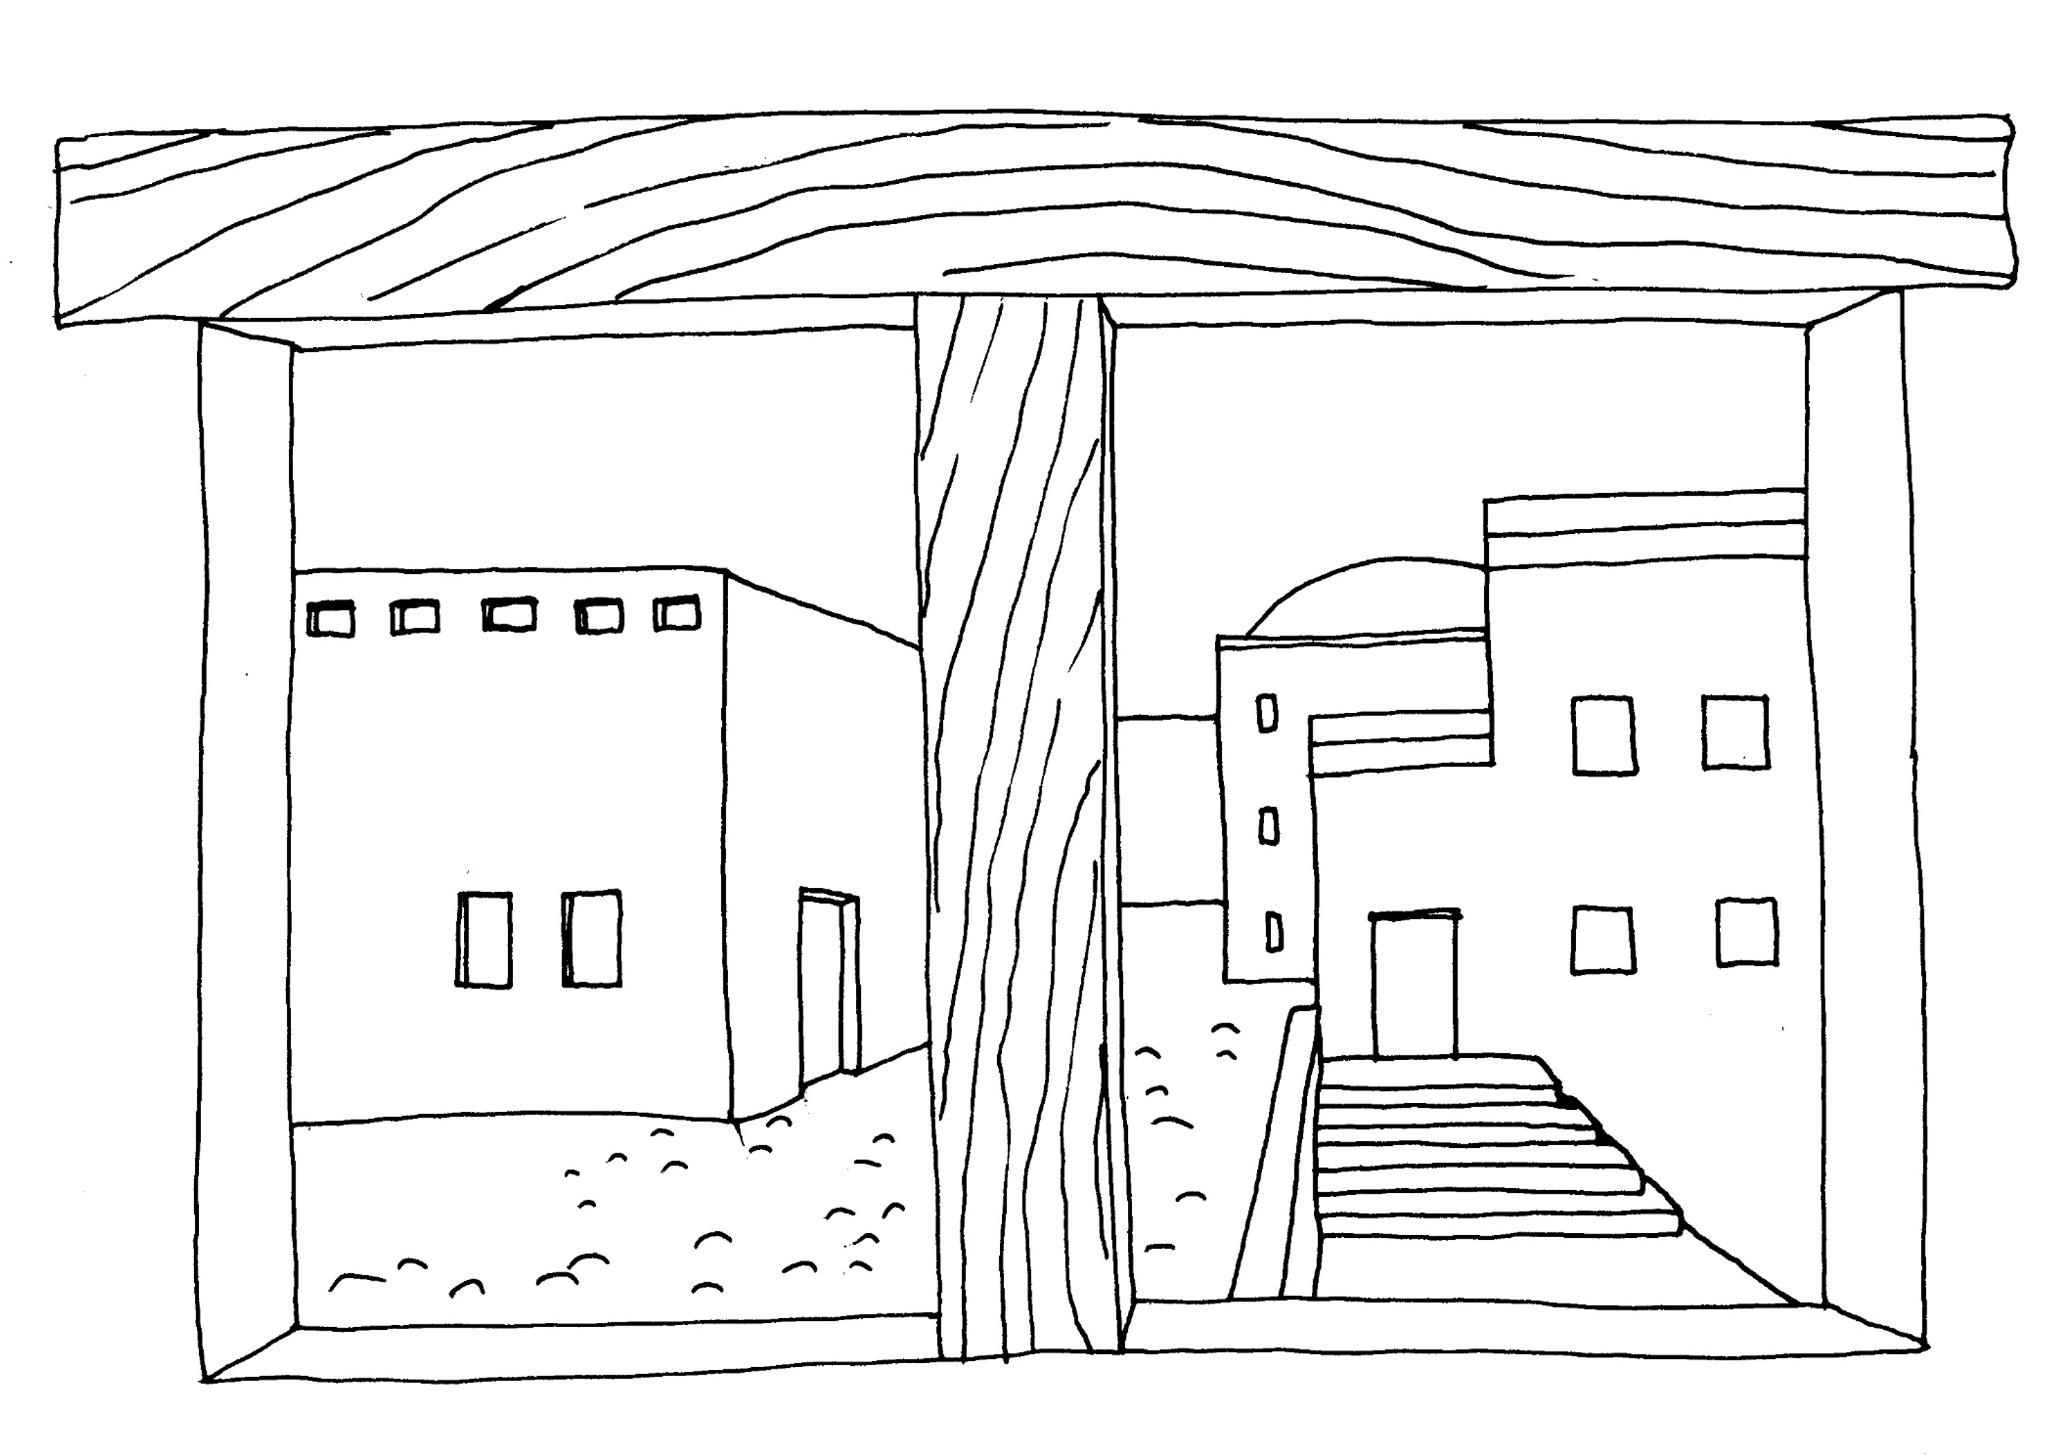 Les 10 plaies d 39 egypte for Signification des couleurs dans une maison